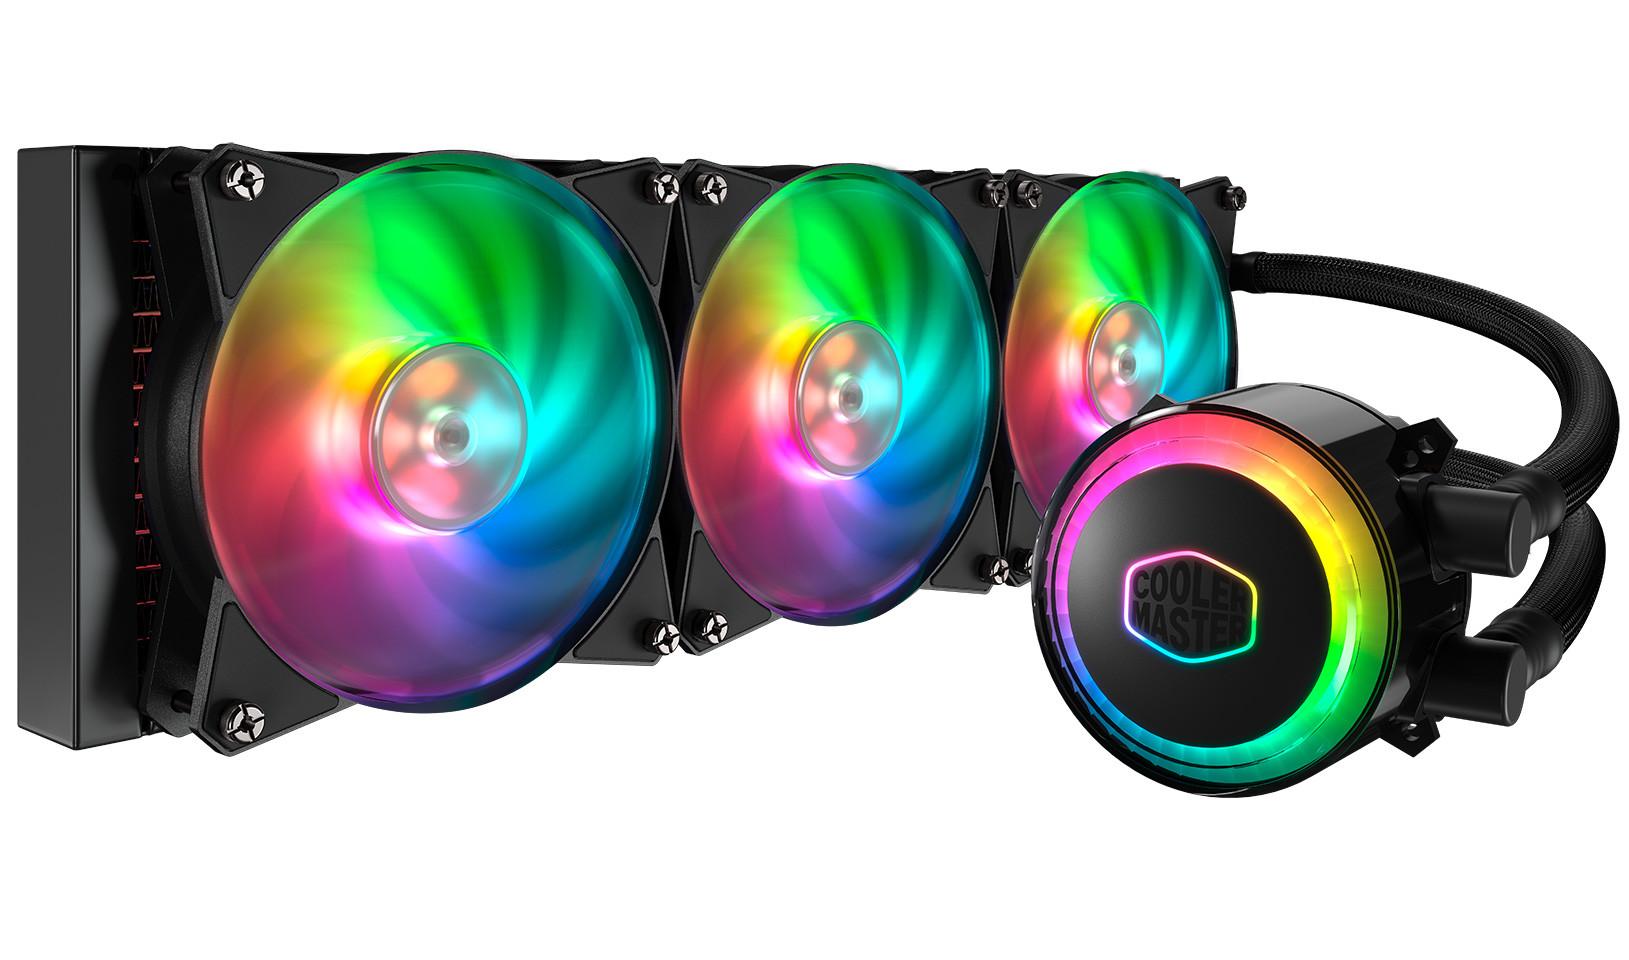 Cooler Master Announces the MasterLiquid ML360R RGB CPU Cooler